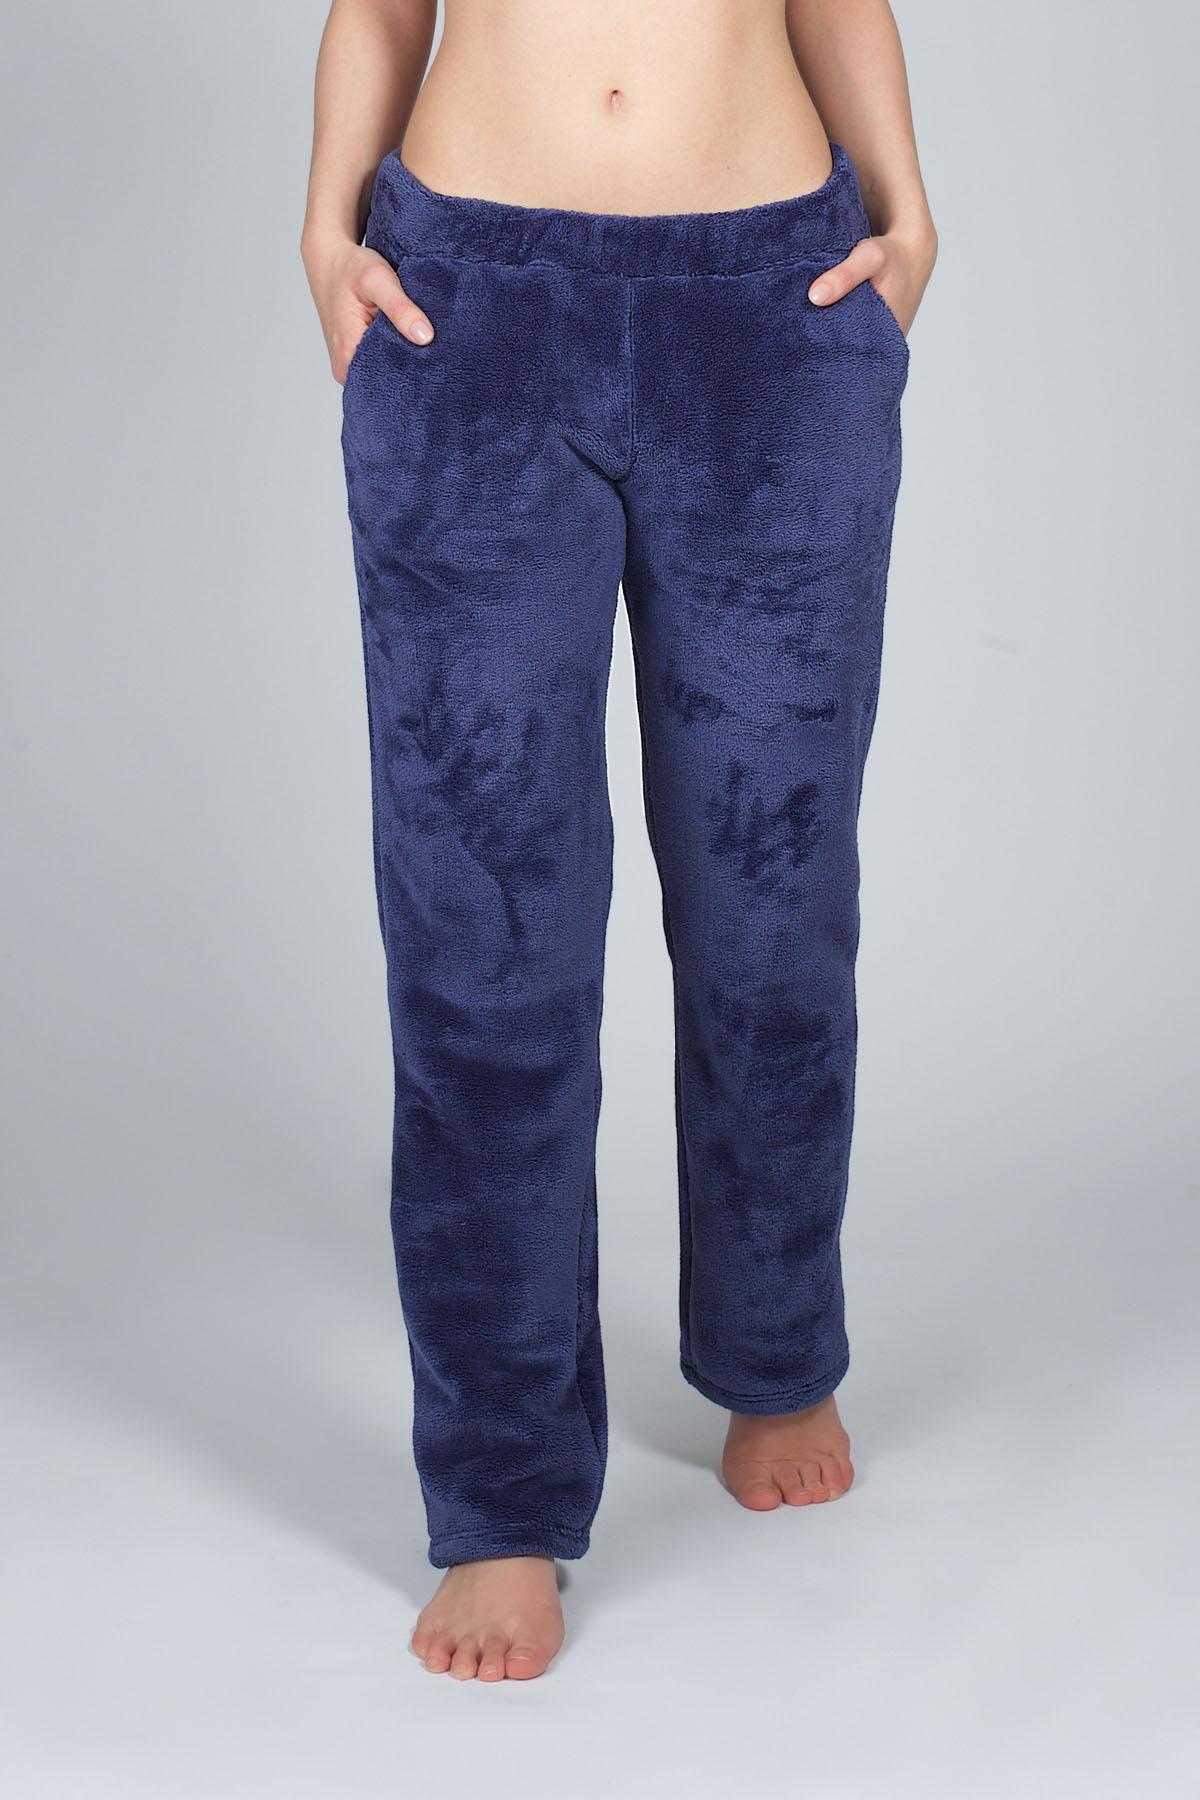 Hays Kadın Lacivert Ultrasoft Pantolon